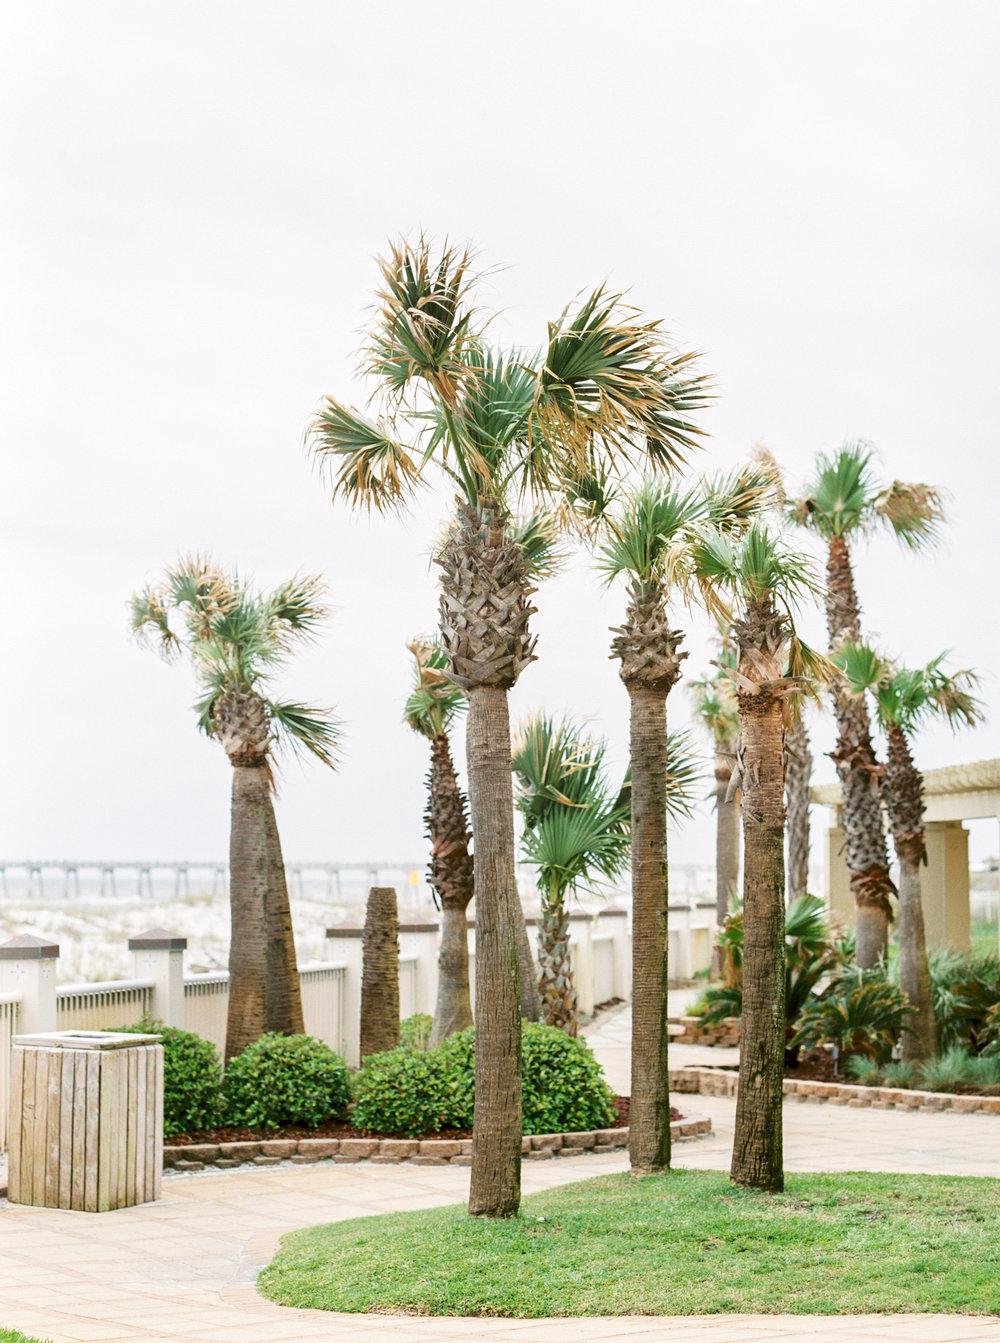 William & Auburn - Pensacola Beach, Florida